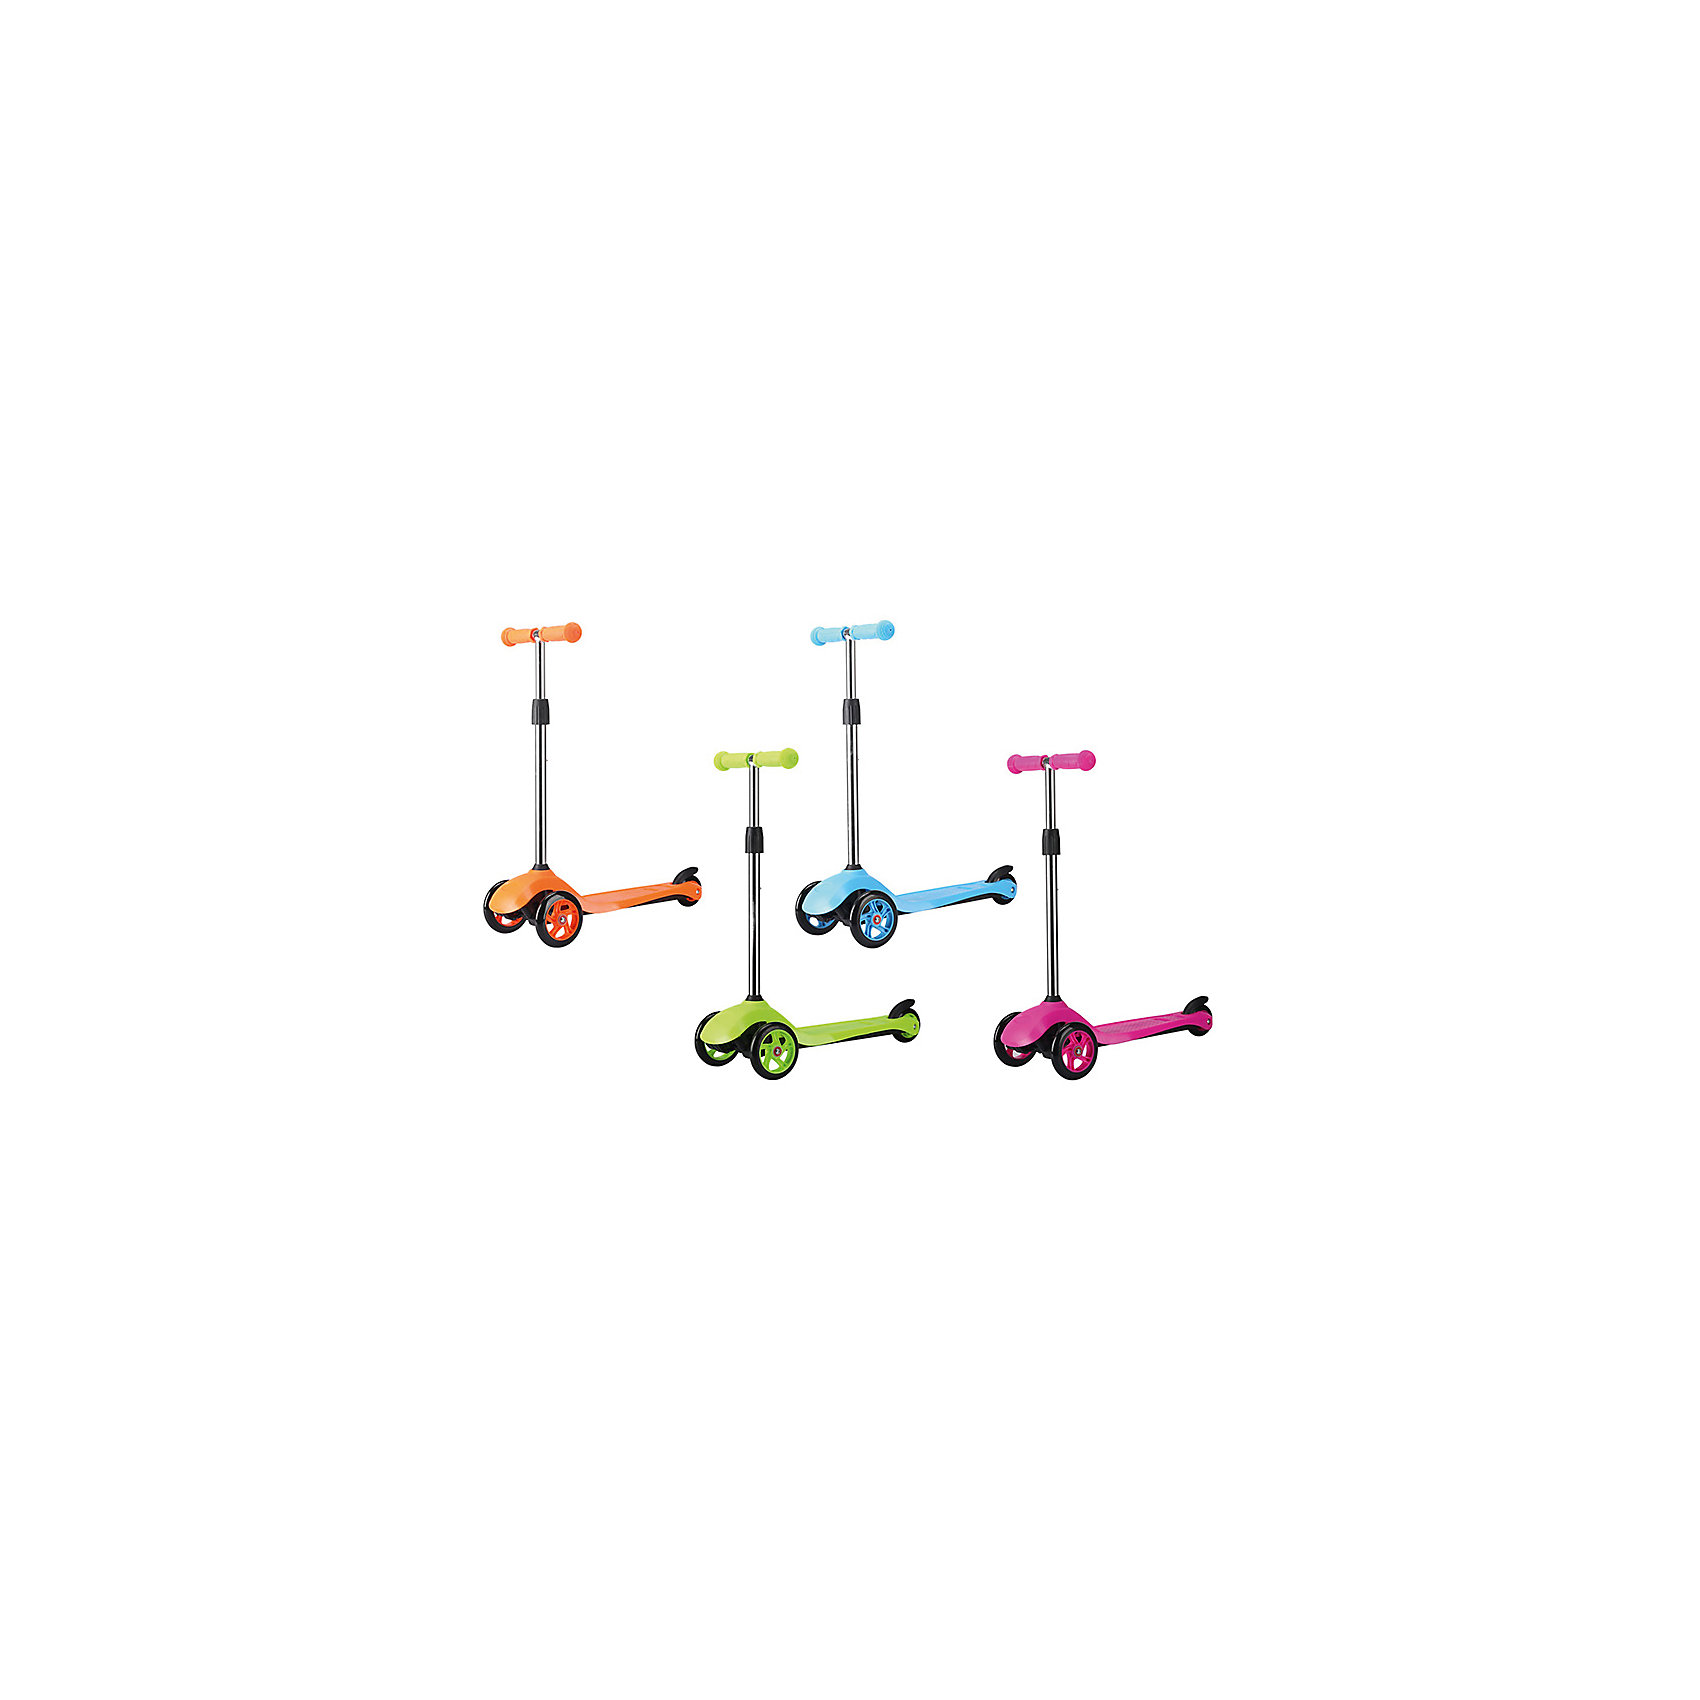 Трехколесный самокат (алюминиевый), ROING SCOOTERS, до 40 кг, в ассортиментеСамокат ROING SCOOTERS - прекрасный вариант для вашего ребенка. Самокат сделан из легкого и прочного алюминия, имеет регулируемый по высоте руль. Широкие передние колеса среднего размера хорошо амортизируют, делают самокат более устойчивым и проходимым. С помощью наклона рулевой стойки ребенок сможет изменять направление своего движения. Прорезиненные ручки исключают скольжение, широкая рифленая платформа обеспечивает безопасность. Идеальный вариант для активного отдыха детей. Катание на самокате стимулирует ребенка к физической активности на свежем отдыхе, помогает развить различные группы мышц и укрепить иммунитет. <br><br>Дополнительная информация:<br><br>- Материал: алюминий, полиуретан, пластик. <br>- Количество колес: 3.<br>- Подшипники: ABEC5.<br>- Широкая пластиковая платформа.<br>- Регулируемый по высоте руль (3 положения).<br>- Максимальная высота руля: 65 см.<br>- Прорезиненные ручки. <br>- Размер: 59х27х57 см.<br>- Максимальная нагрузка: 40 кг.<br>- Вес: 2,4 кг.<br>- 4 цвета в ассортименте. <br>ВНИМАНИЕ! Данный артикул представлен в разных цветовых вариантах. К сожалению, заранее выбрать определенный вариант невозможно. При заказе нескольких самокатов возможно получение одинаковых.<br><br>Трехколесный самокат (алюминиевый), ROING SCOOTERS, до 40 кг, в ассортименте, можно купить в нашем магазине.<br><br>Ширина мм: 600<br>Глубина мм: 145<br>Высота мм: 28<br>Вес г: 2480<br>Возраст от месяцев: 36<br>Возраст до месяцев: 192<br>Пол: Унисекс<br>Возраст: Детский<br>SKU: 4595149